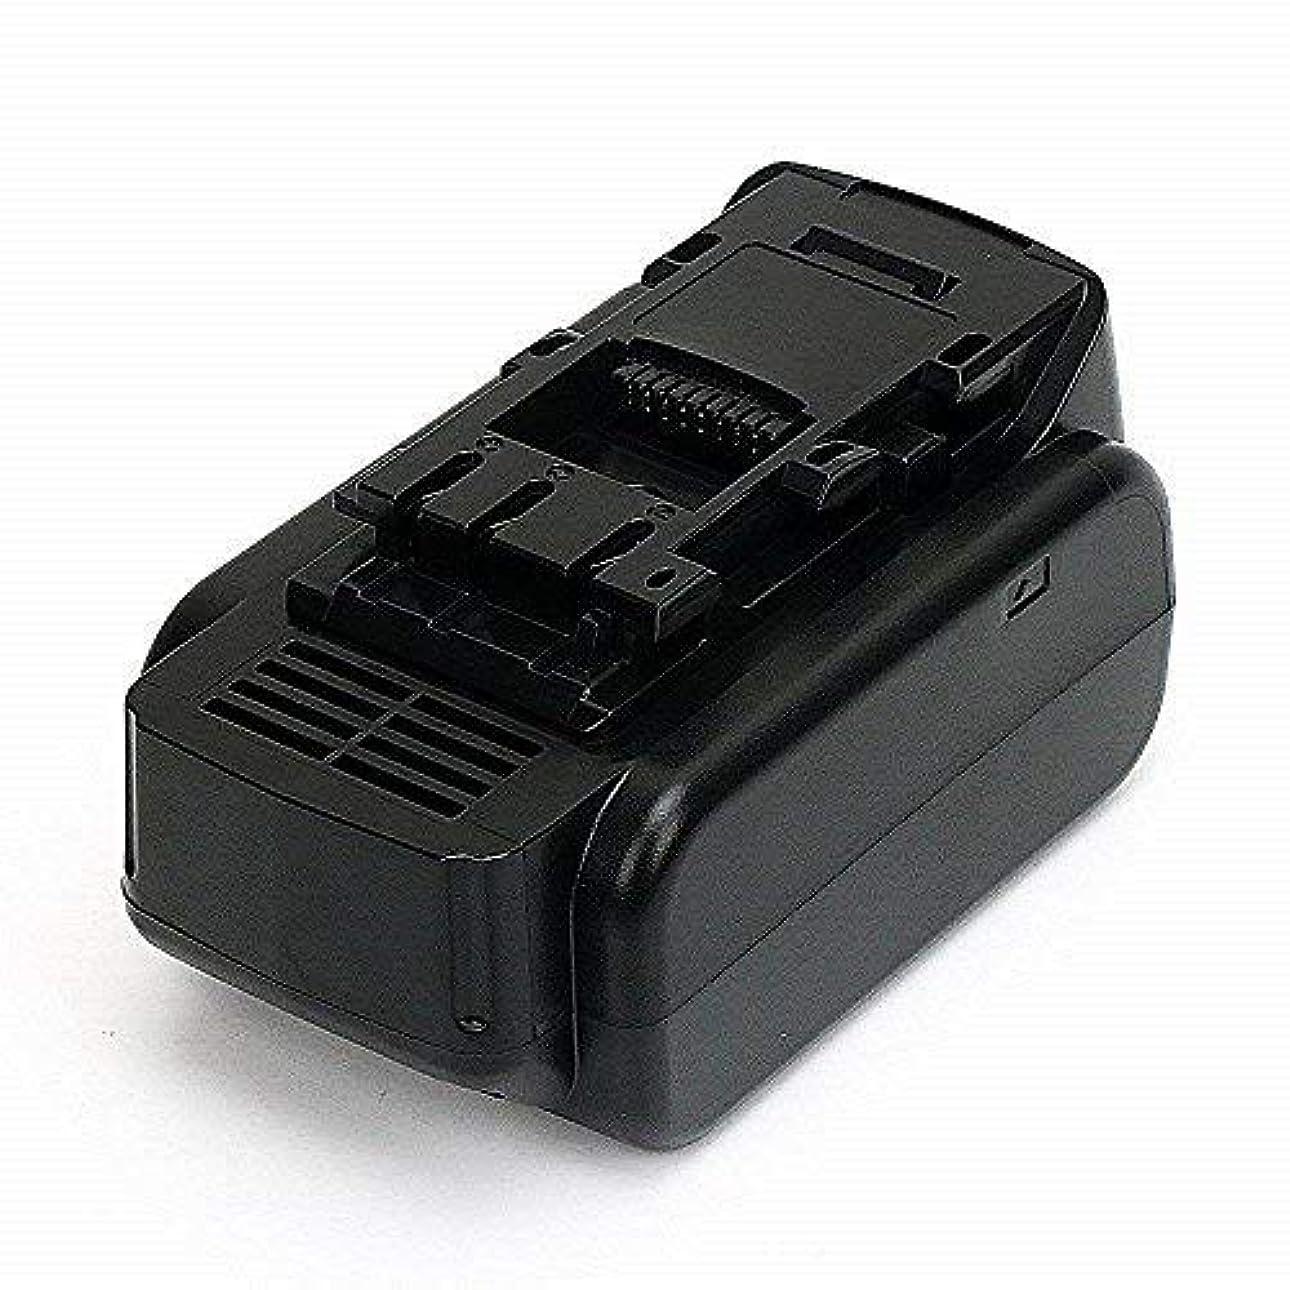 見落とすライター権威@NSS パナソニック EZ9L54 EZ9L94ST 5000mAh 5.0Ah 18V 互換 バッテリー パナソニックセル